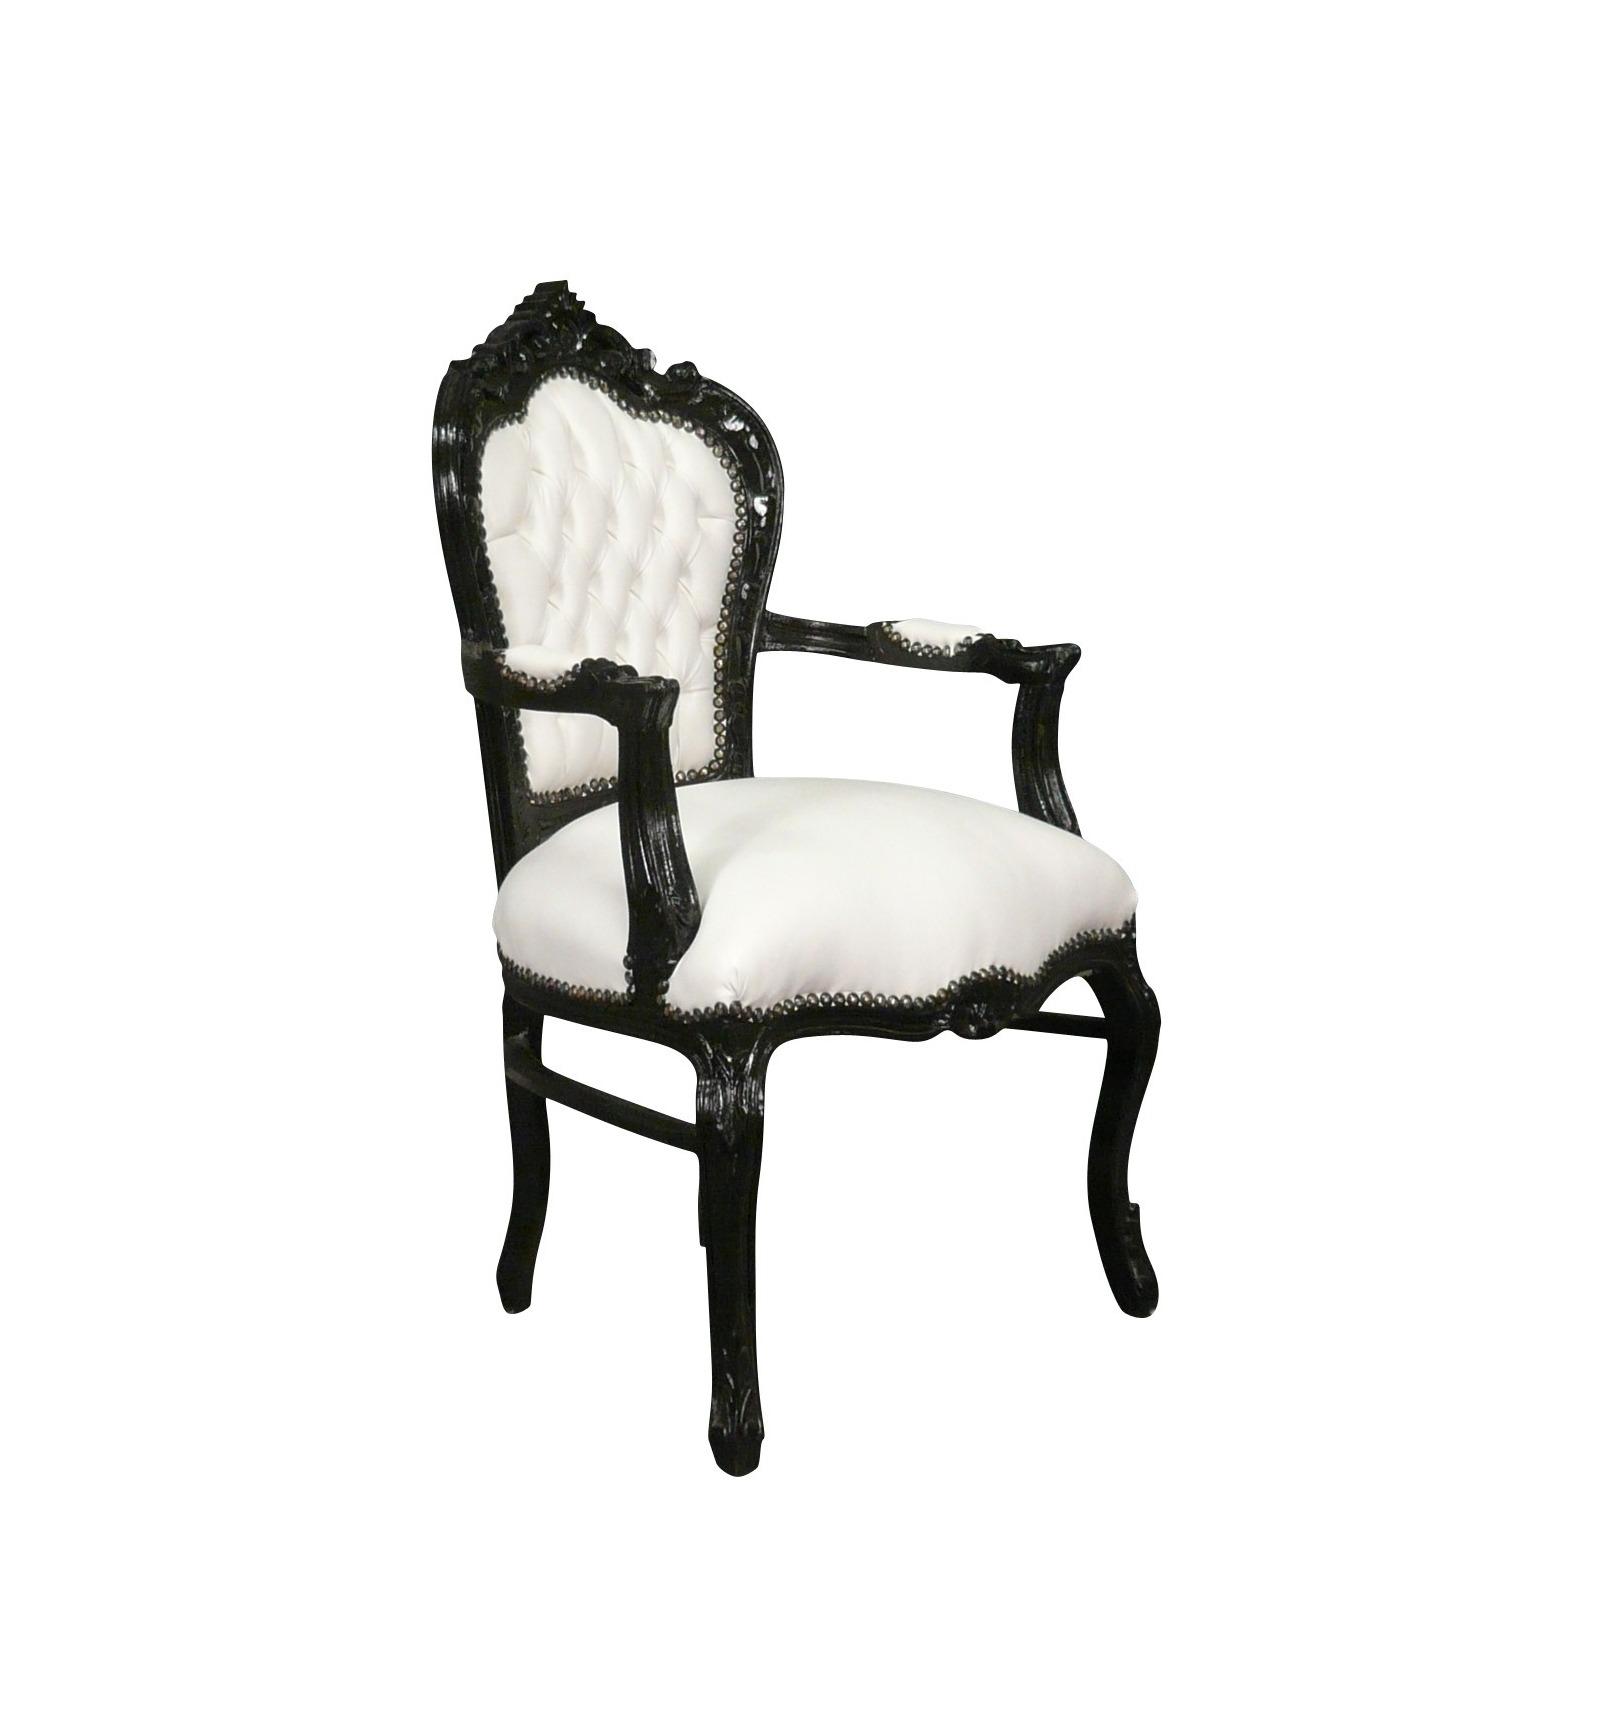 fauteuil baroque noir et blanc vesoul mobilier art d co. Black Bedroom Furniture Sets. Home Design Ideas